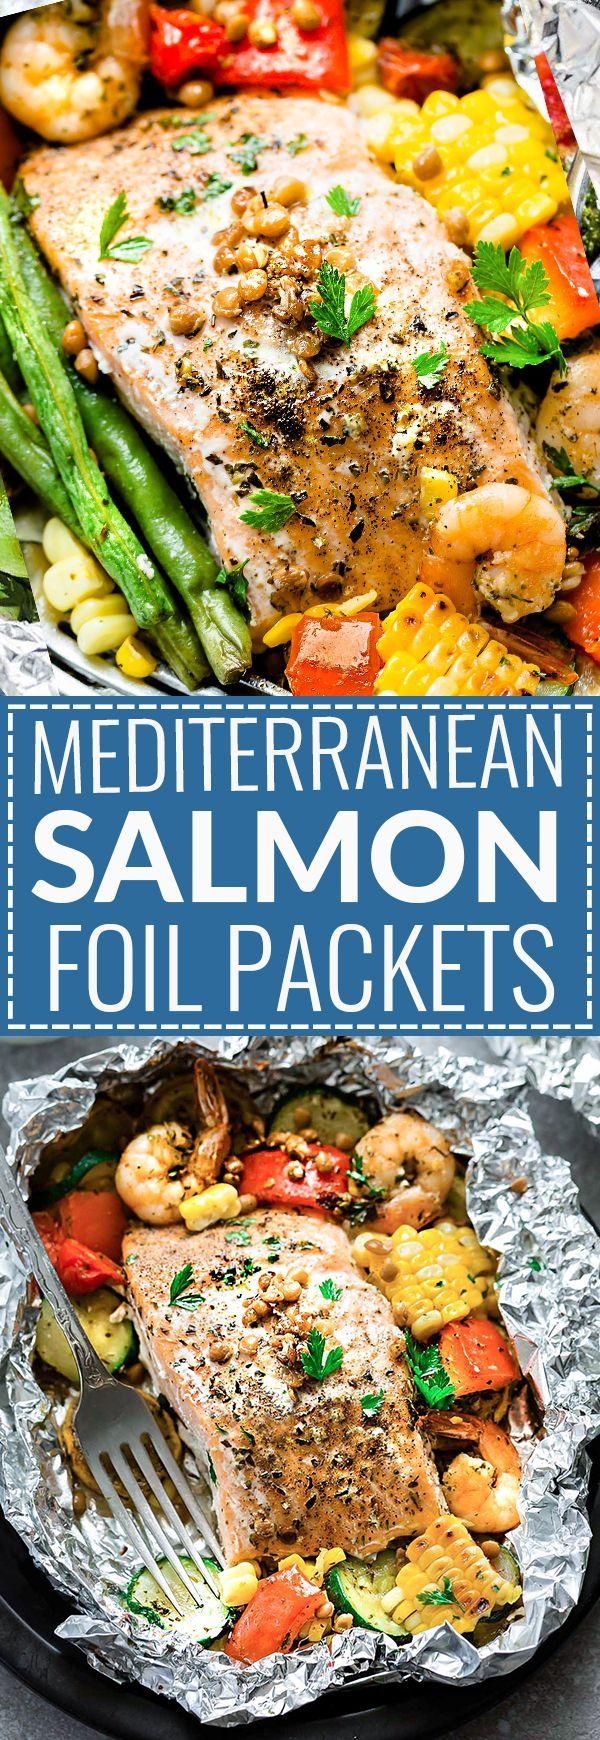 Best 25 salmon foil ideas on pinterest baked samon for Fish foil packets oven